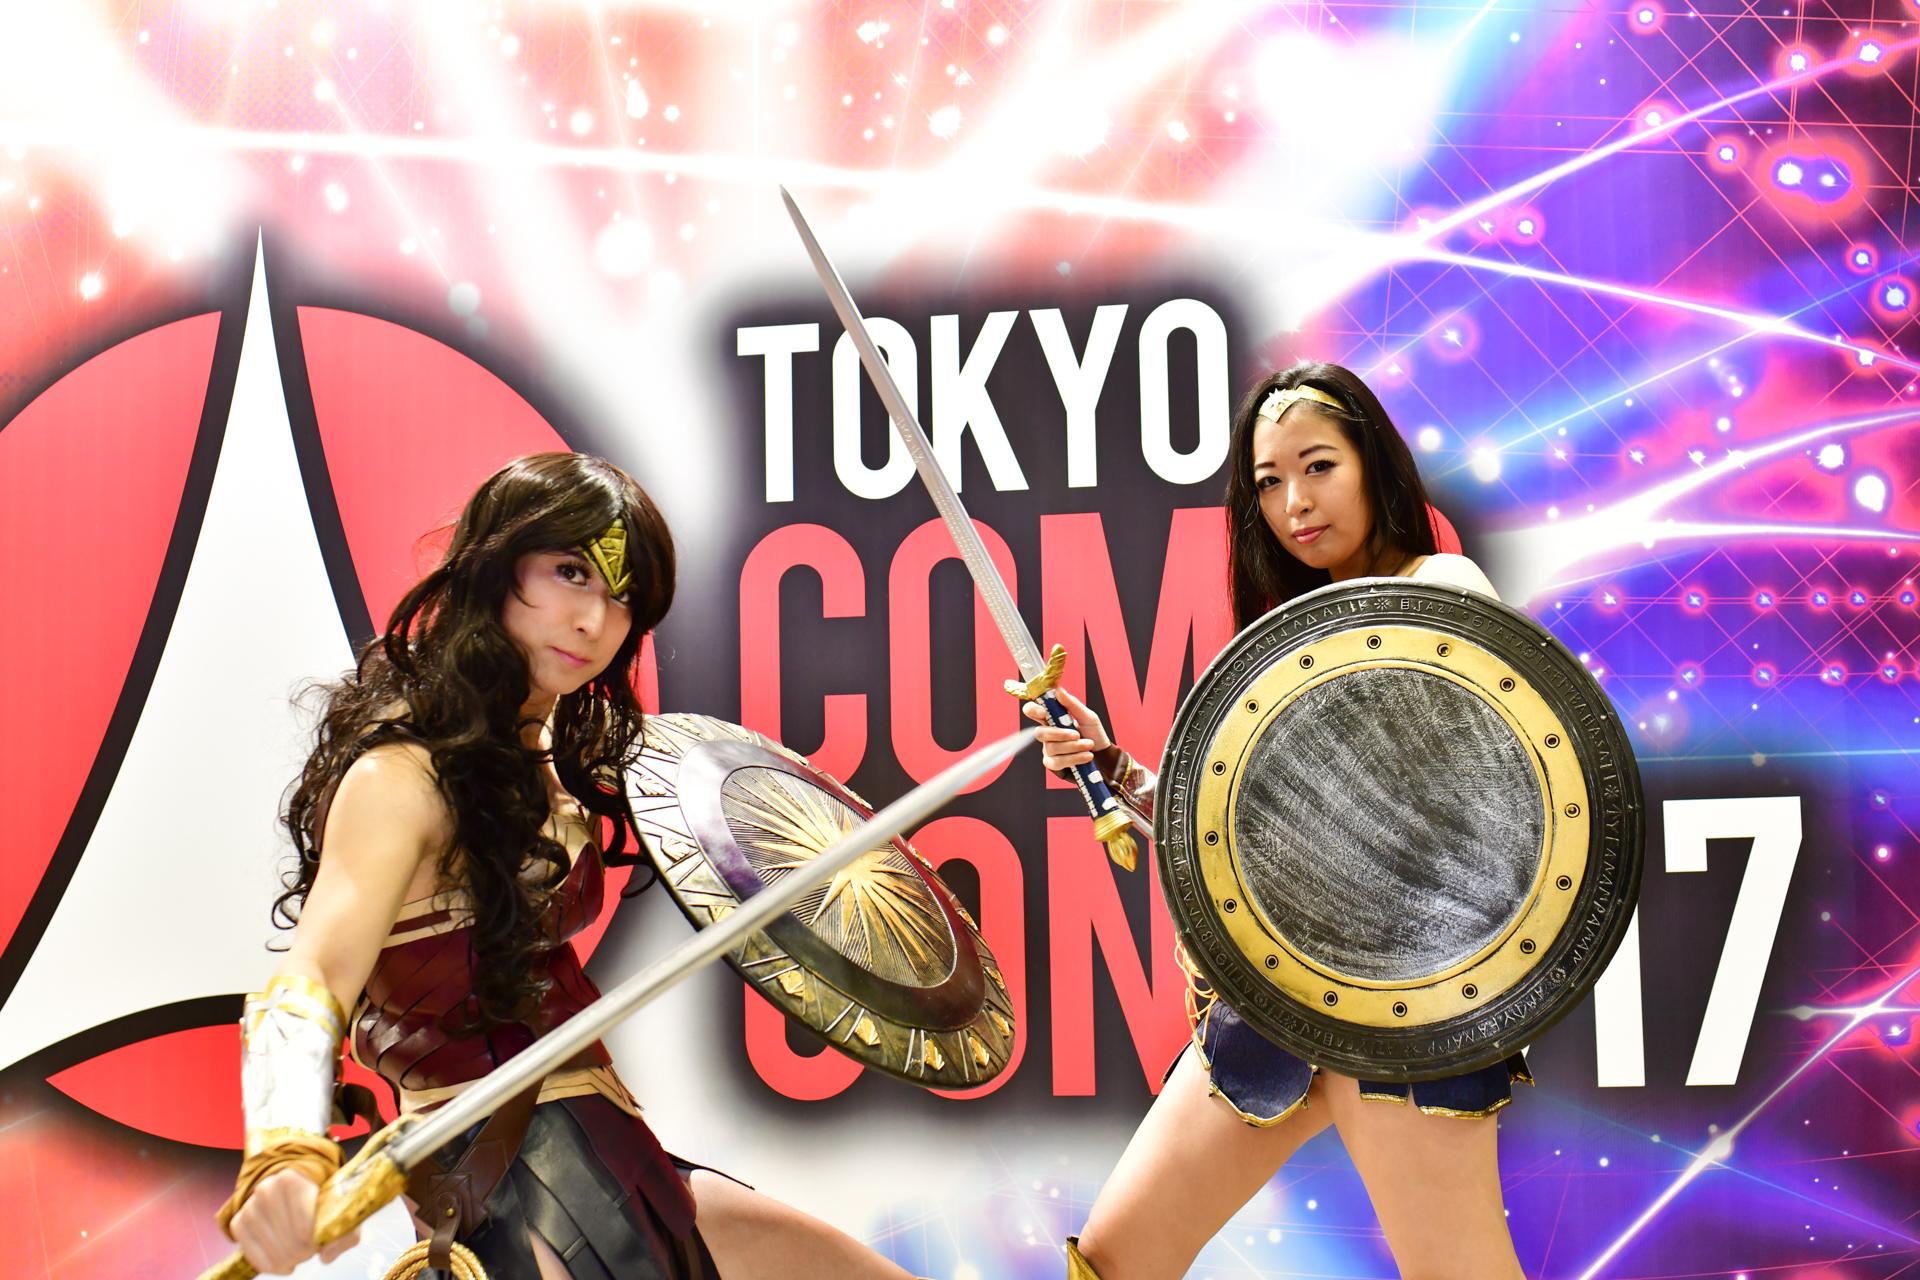 東京コミコン2017 Nikon D850 SP 45mm F/1.8 Di VC USD スピードライトSB-5000